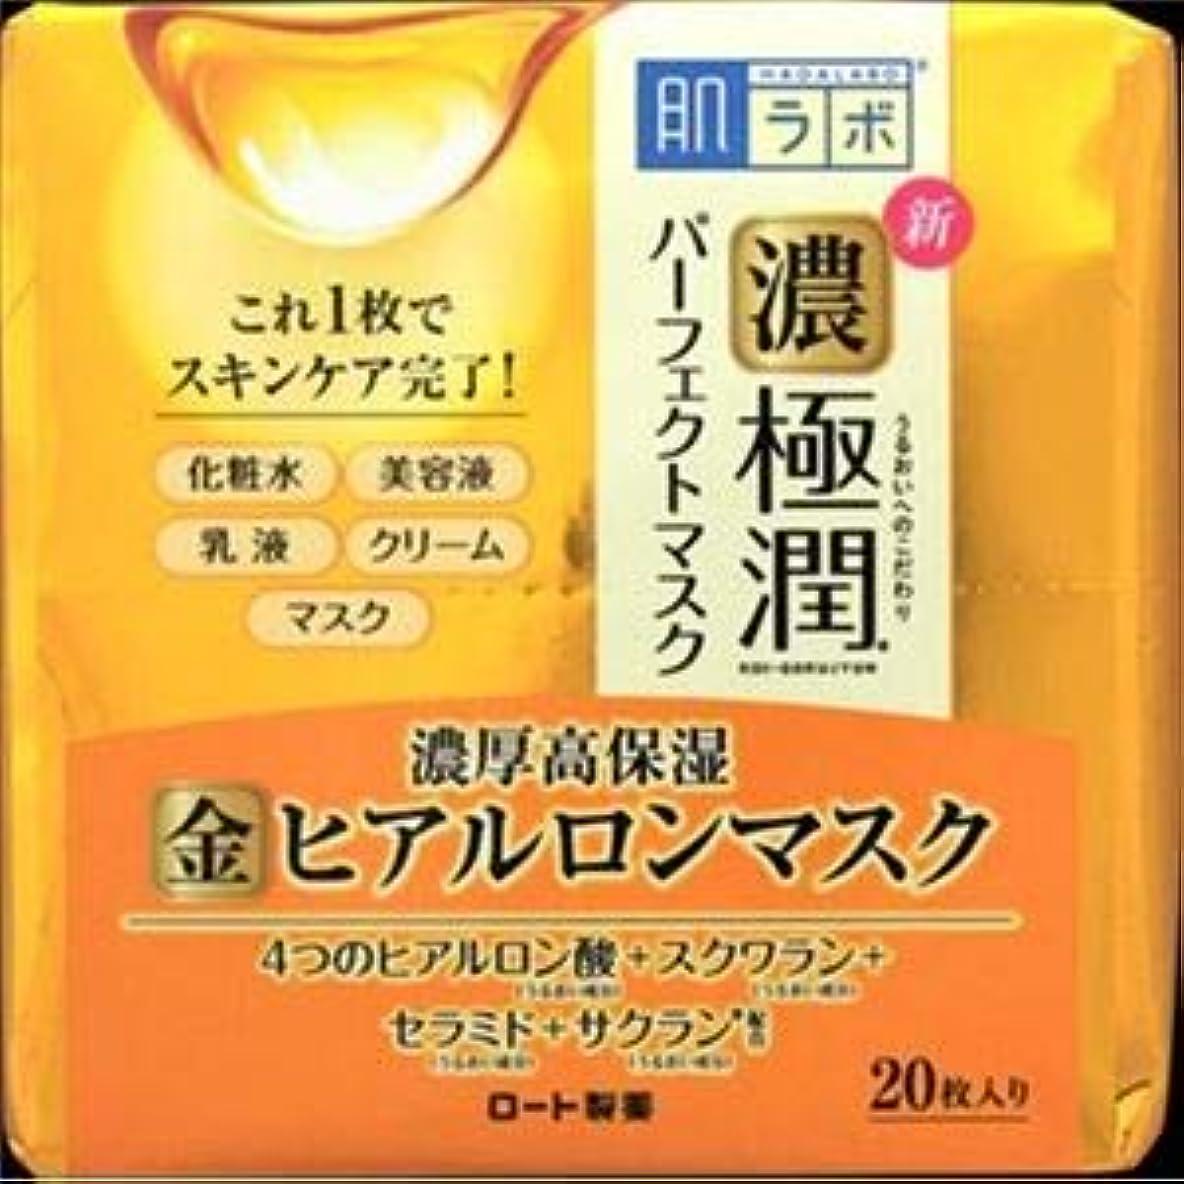 クラスアカデミック不健康(まとめ)ロート製薬 肌ラボ 極潤パーフェクトマスク 20枚 【×3点セット】